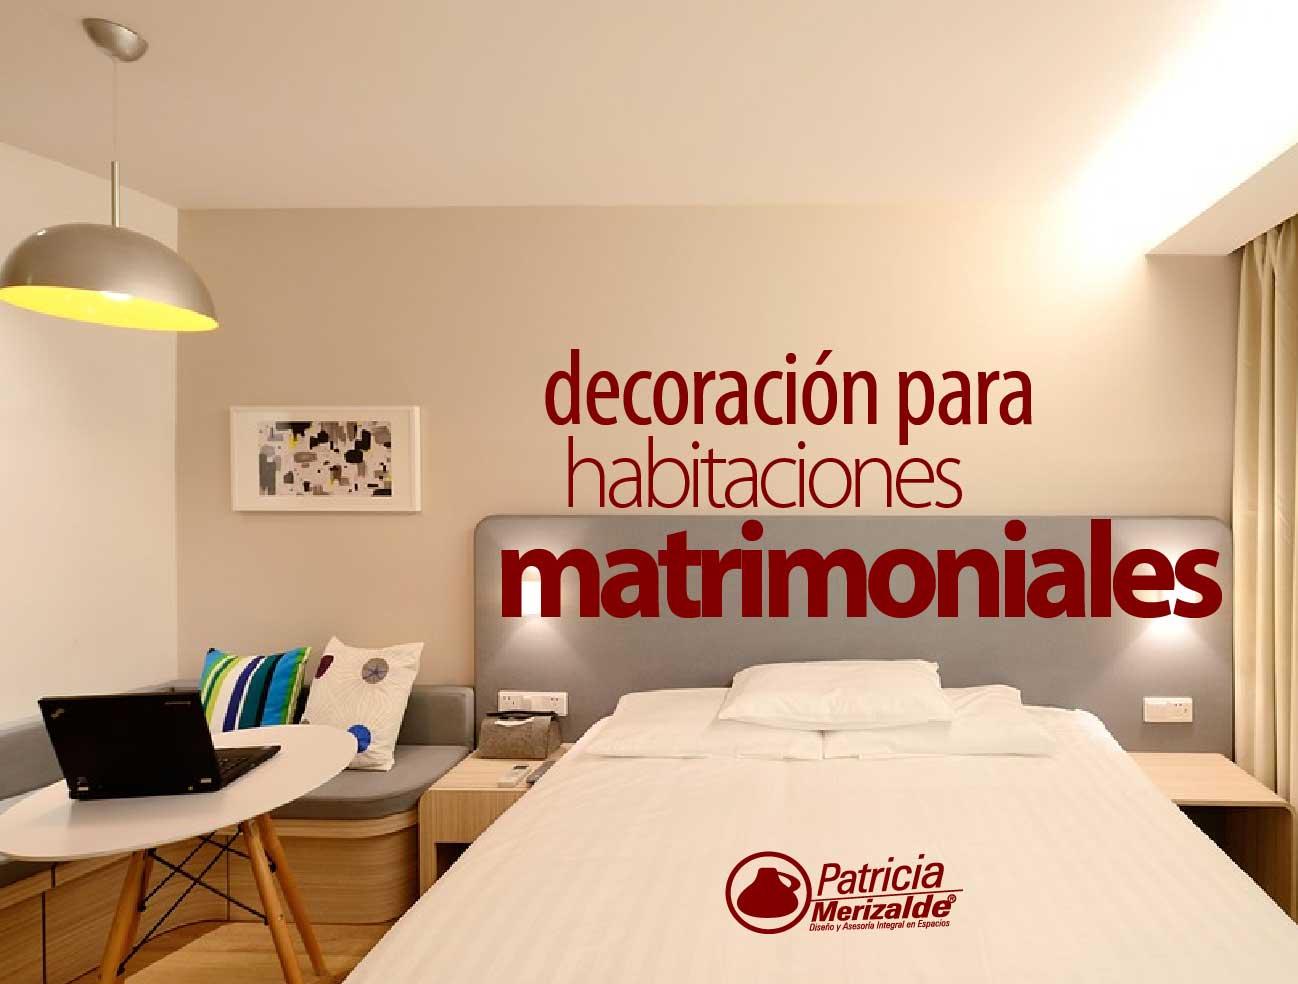 Decoraci n de habitaciones matrimoniales patricia merizalde for Decoracion para apartaestudios